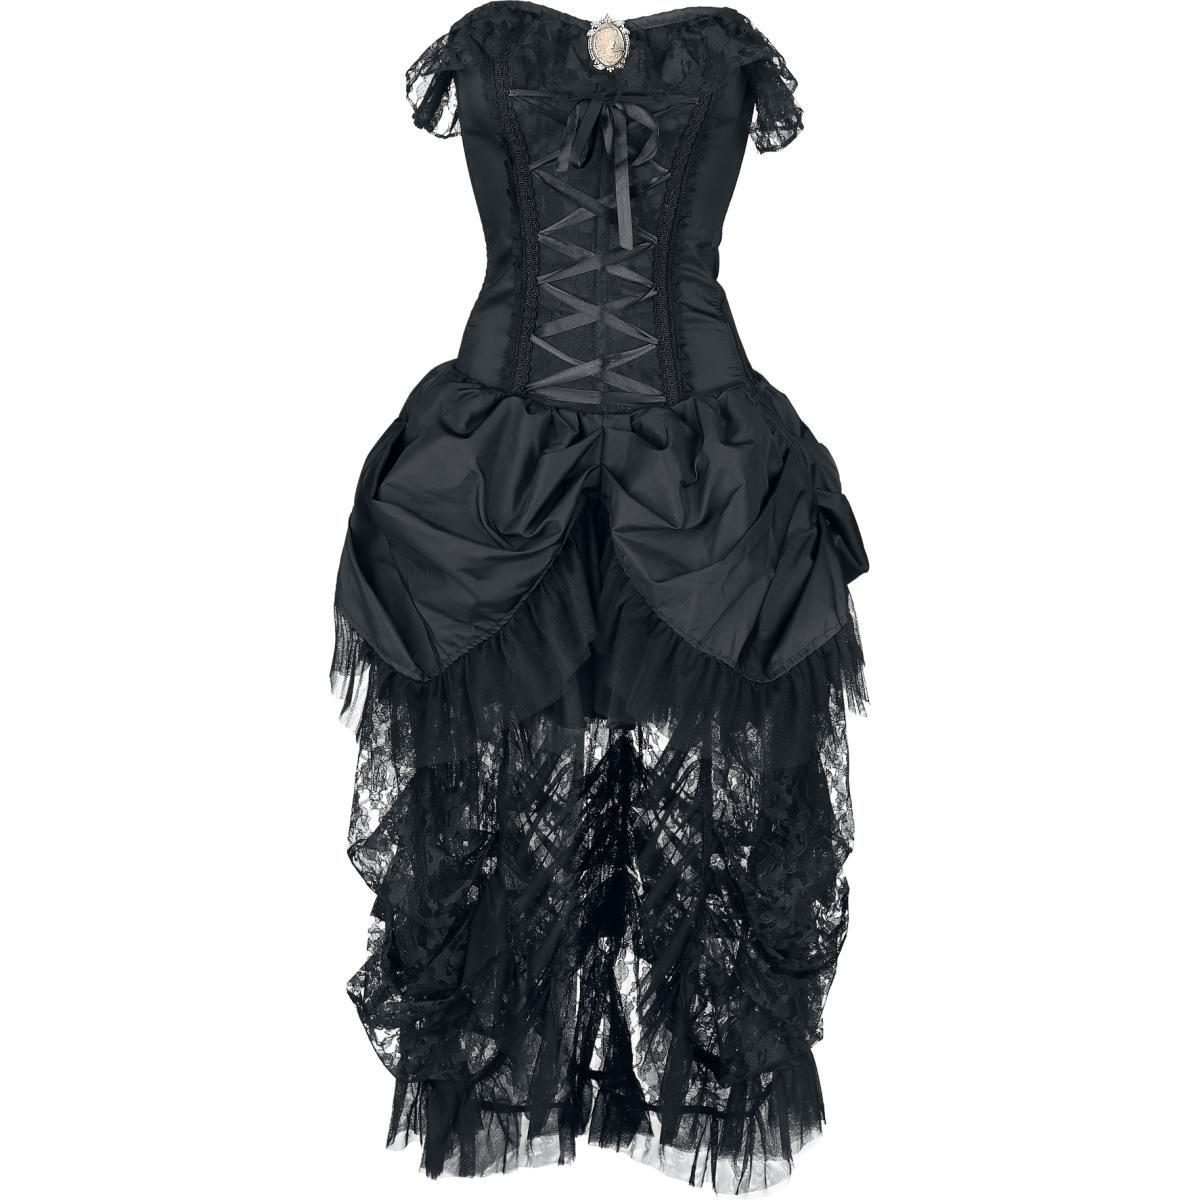 elizabeth dress | kleider, kleider für frauen, modestil